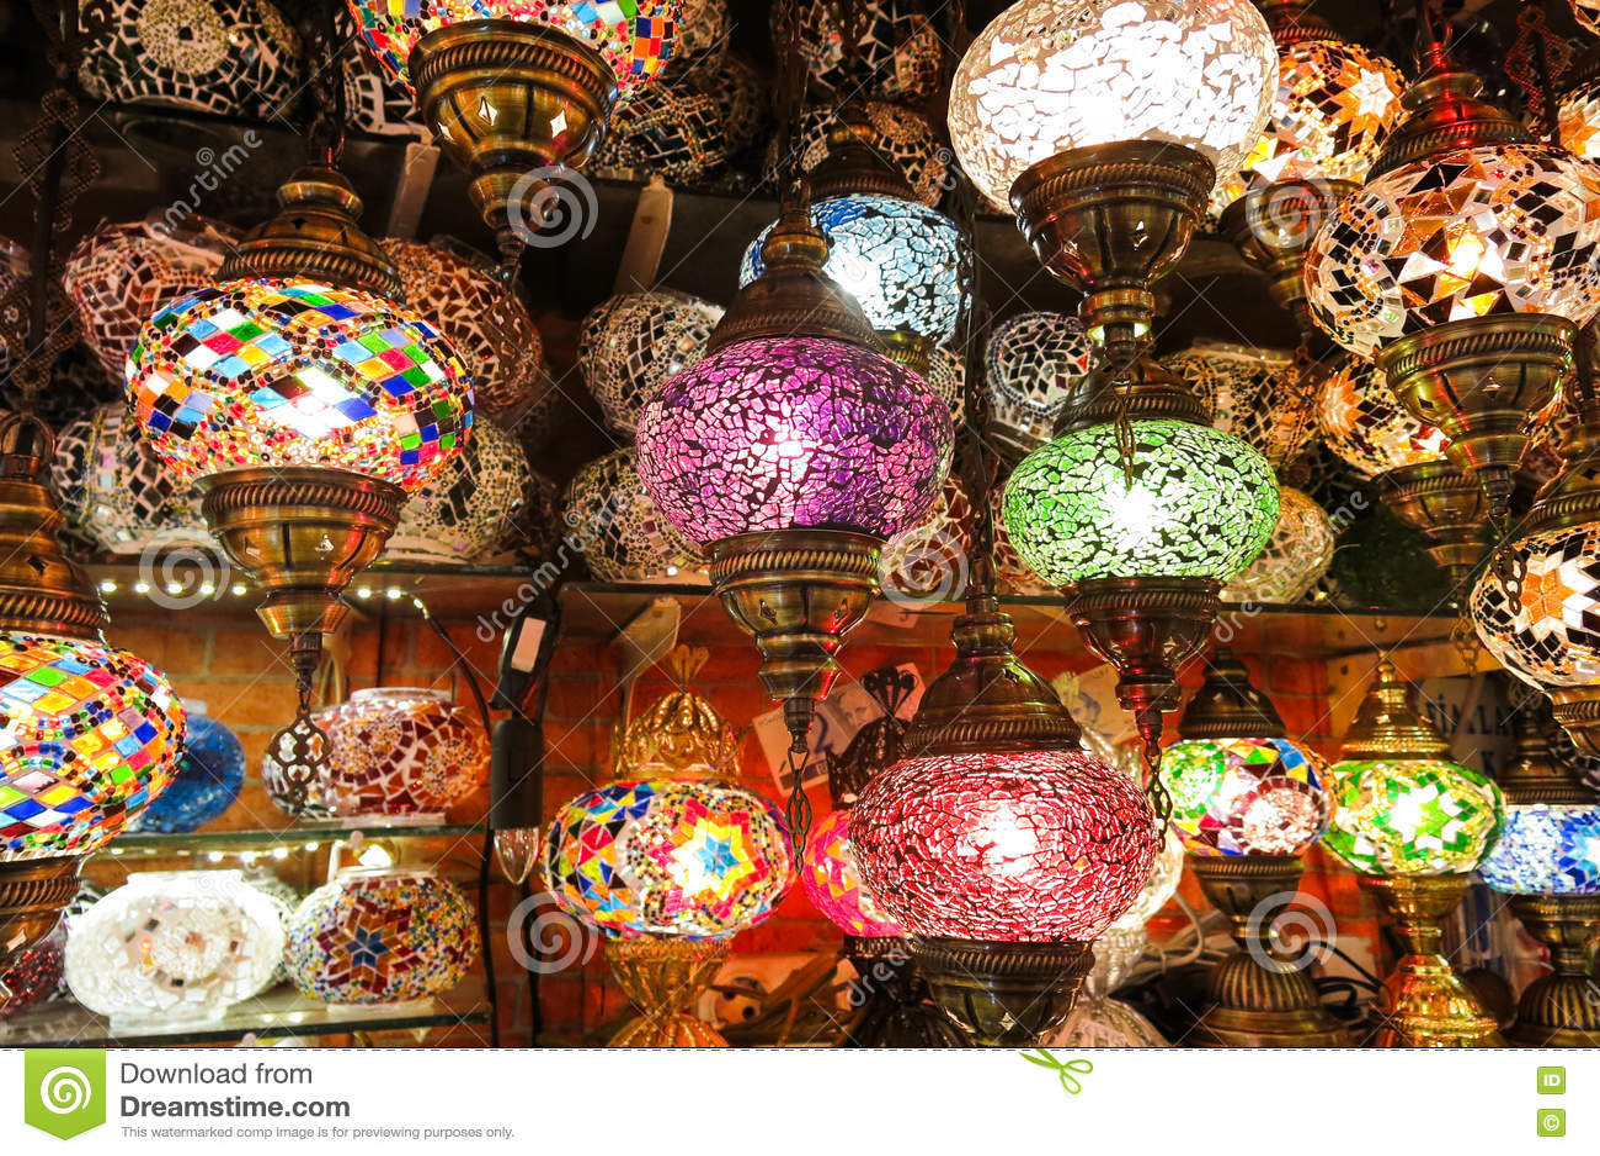 Kristalllampen für Verkauf auf dem großartigen Basar in Istanbul